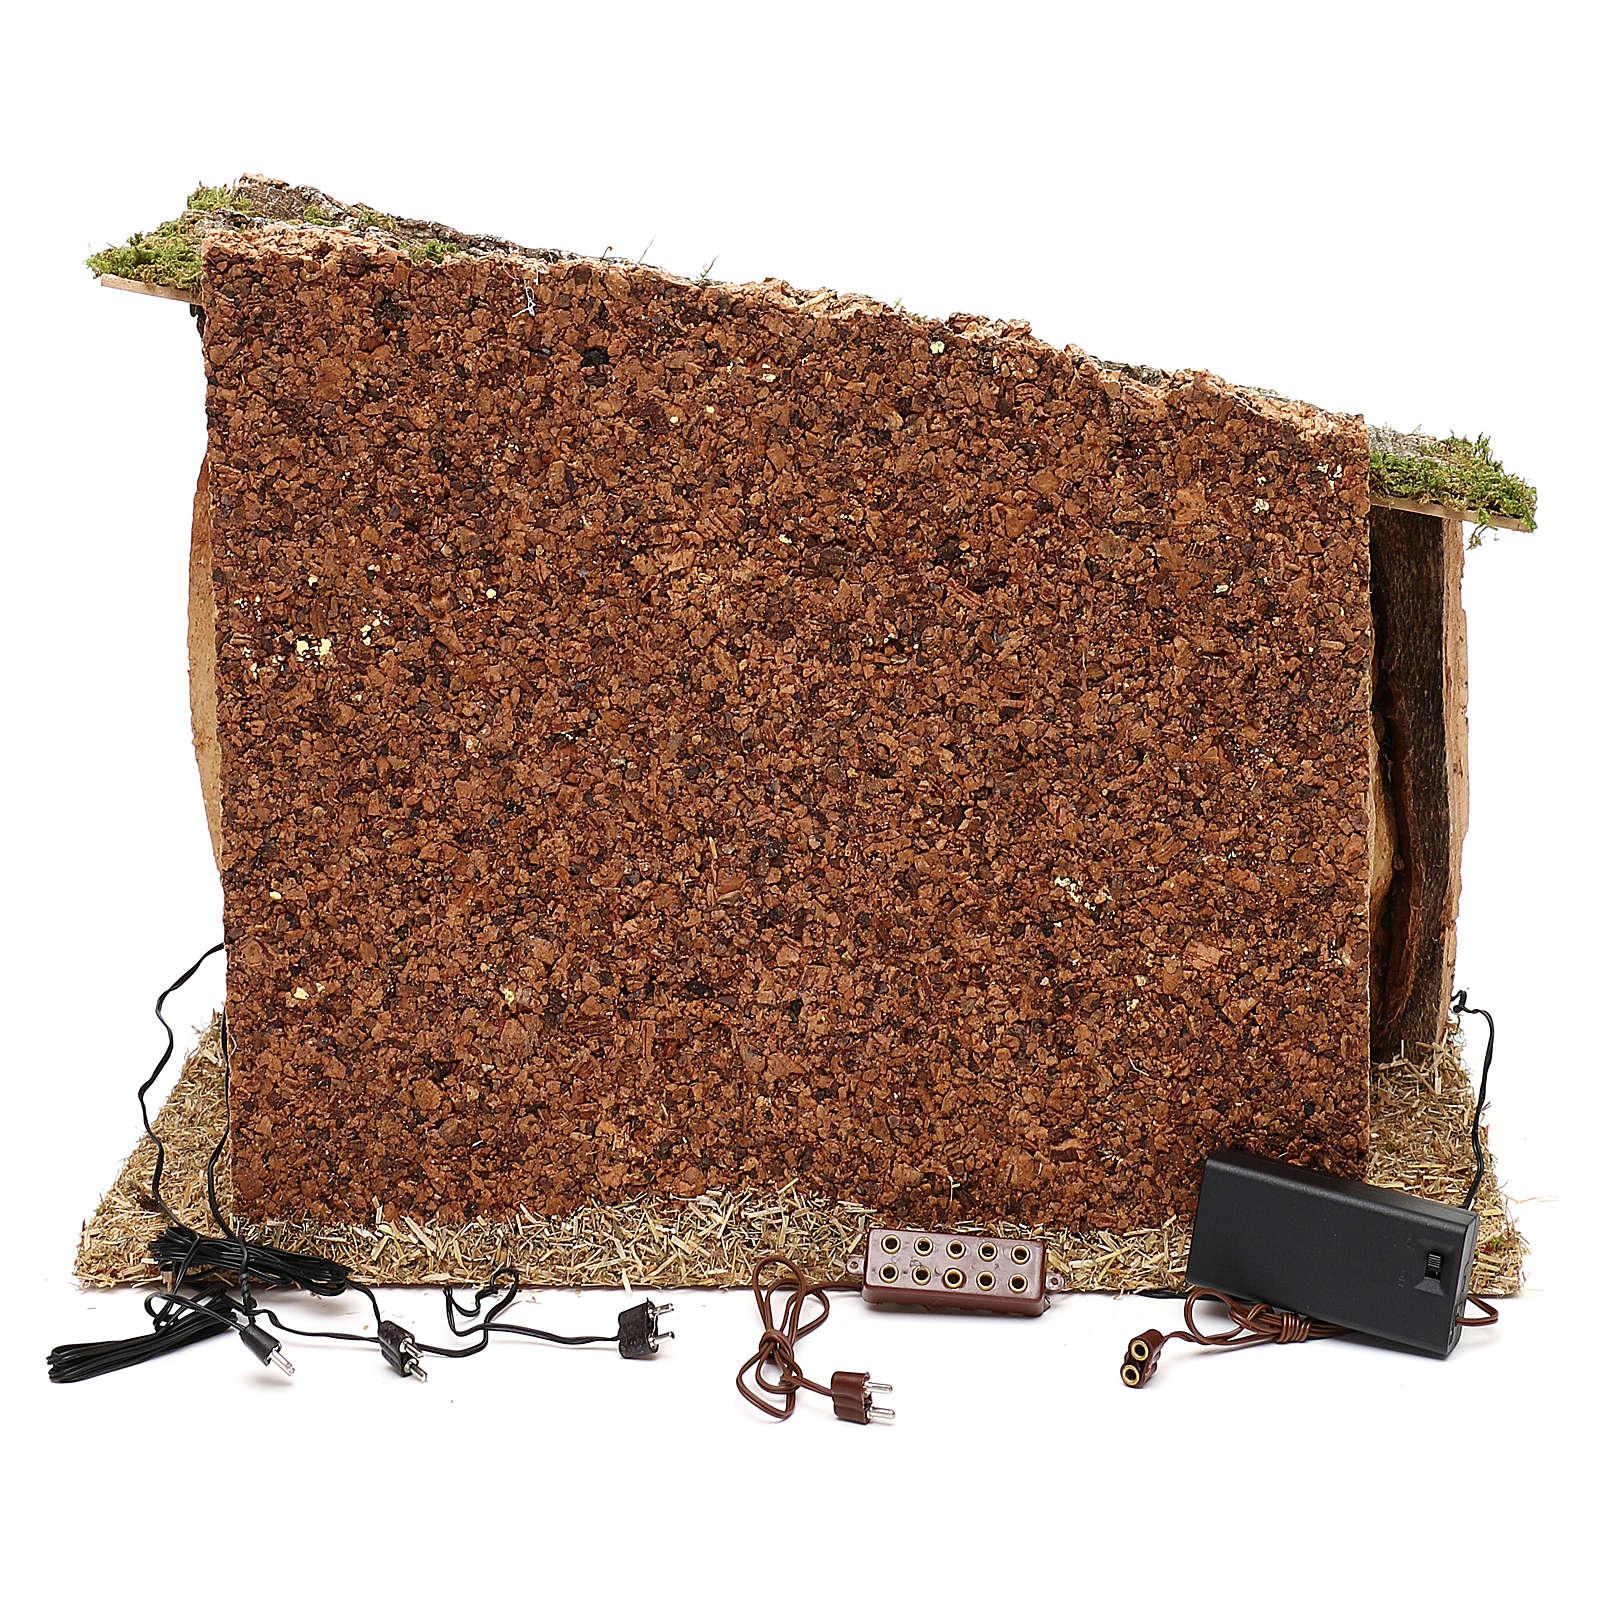 Cabane bois liège et mousse 30x40x30 cm 4